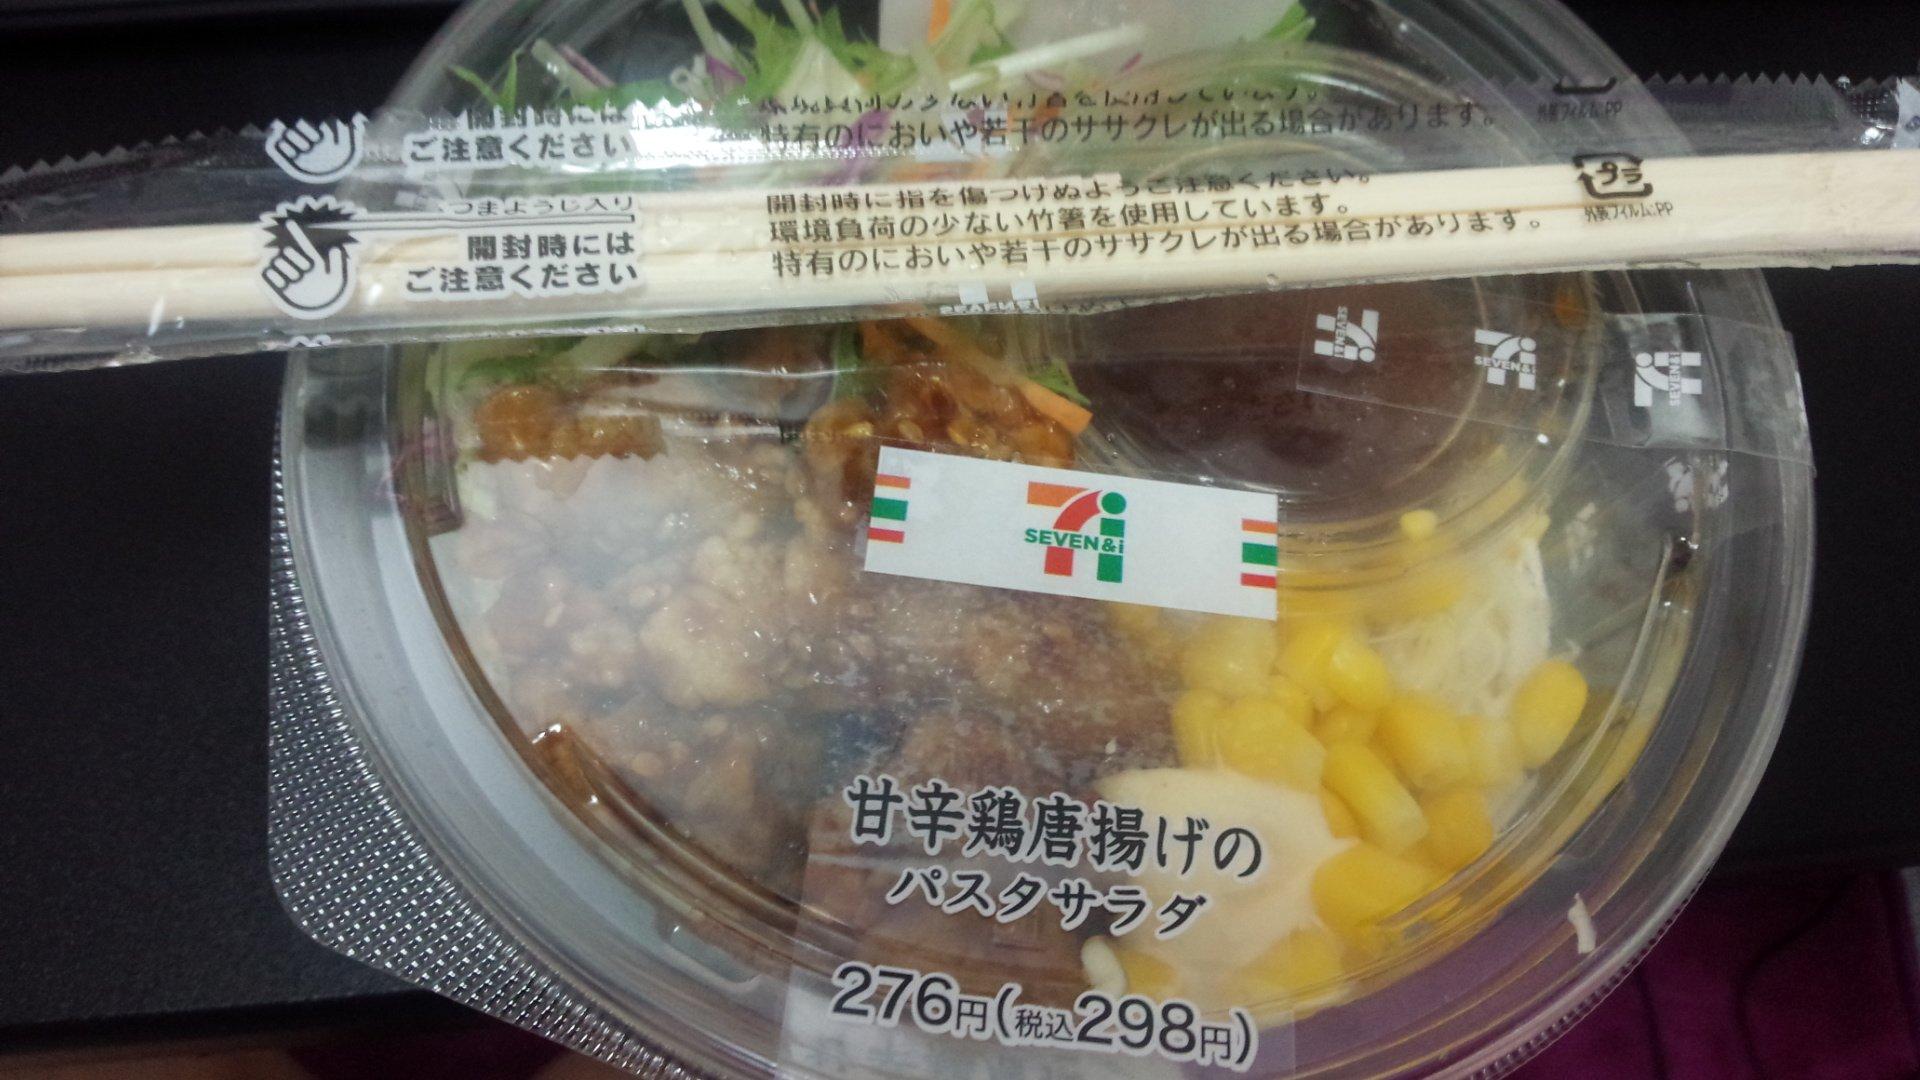 遅めのお昼ご飯なう!今日はセブンのパスタサラダ!鳥の唐揚げ…